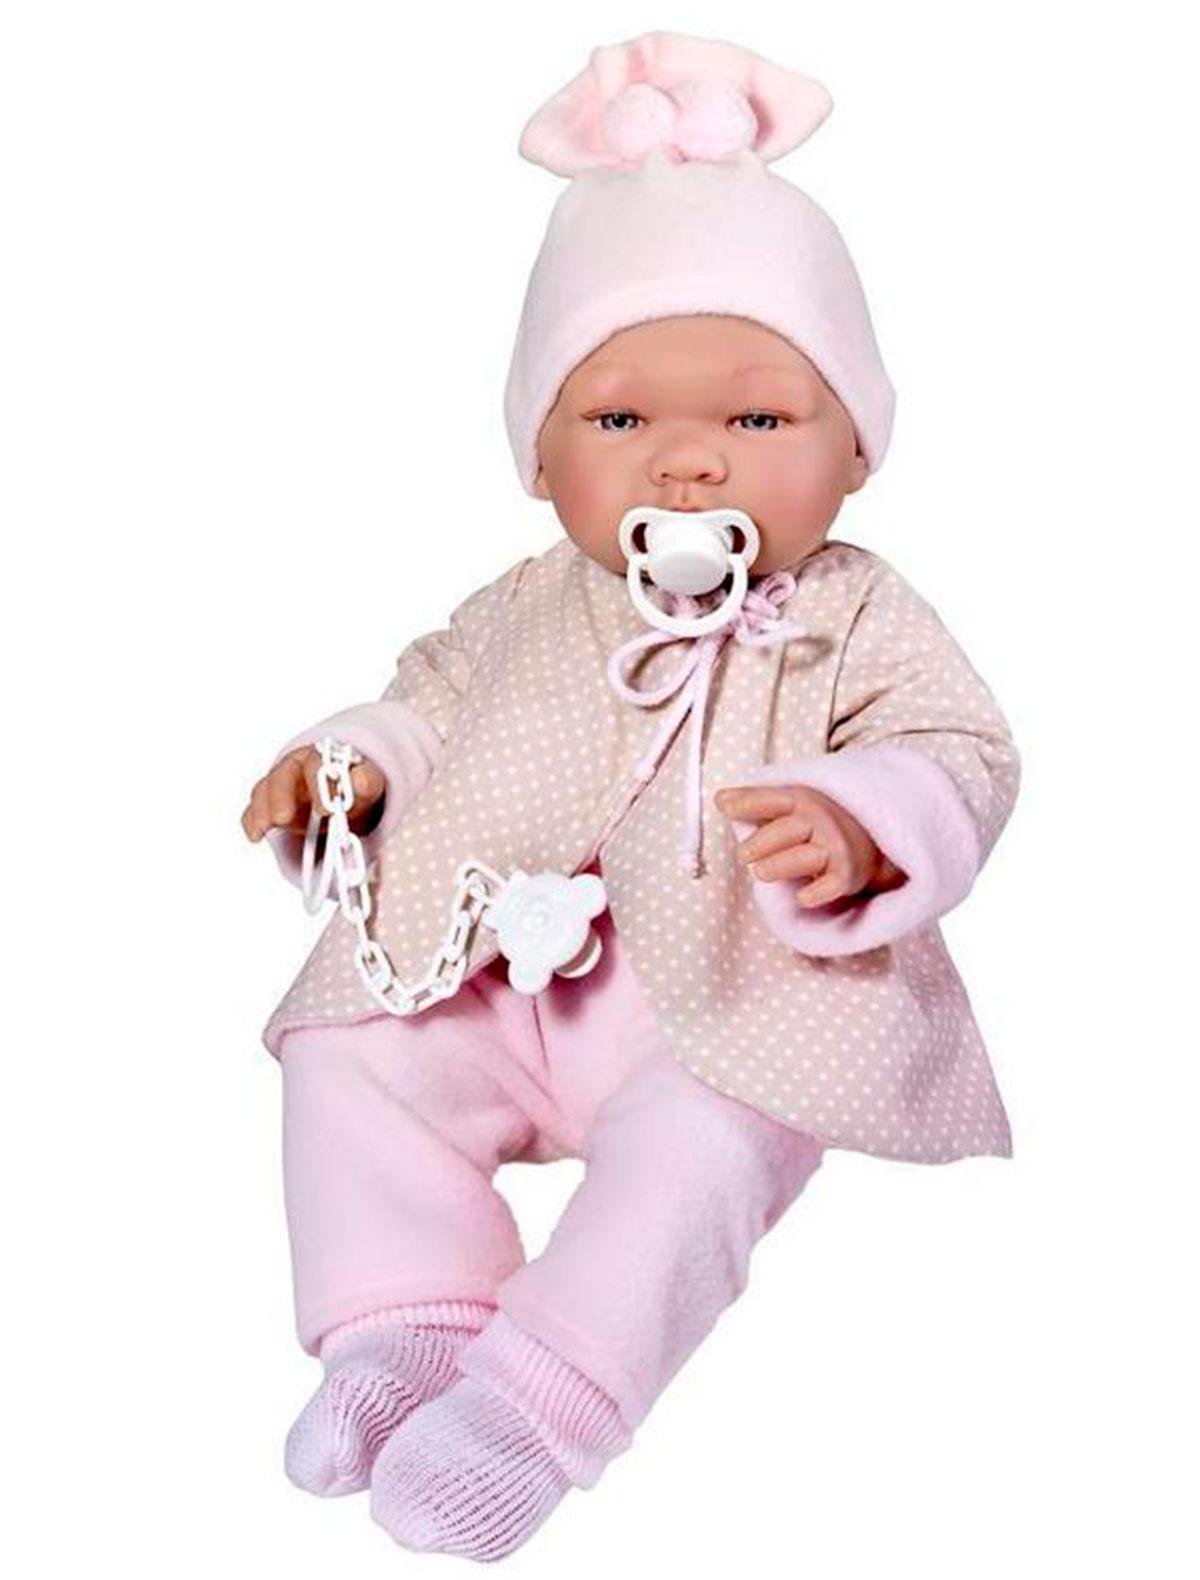 Купить 2216662, Кукла ASI, бежевый, Женский, 7114500070807